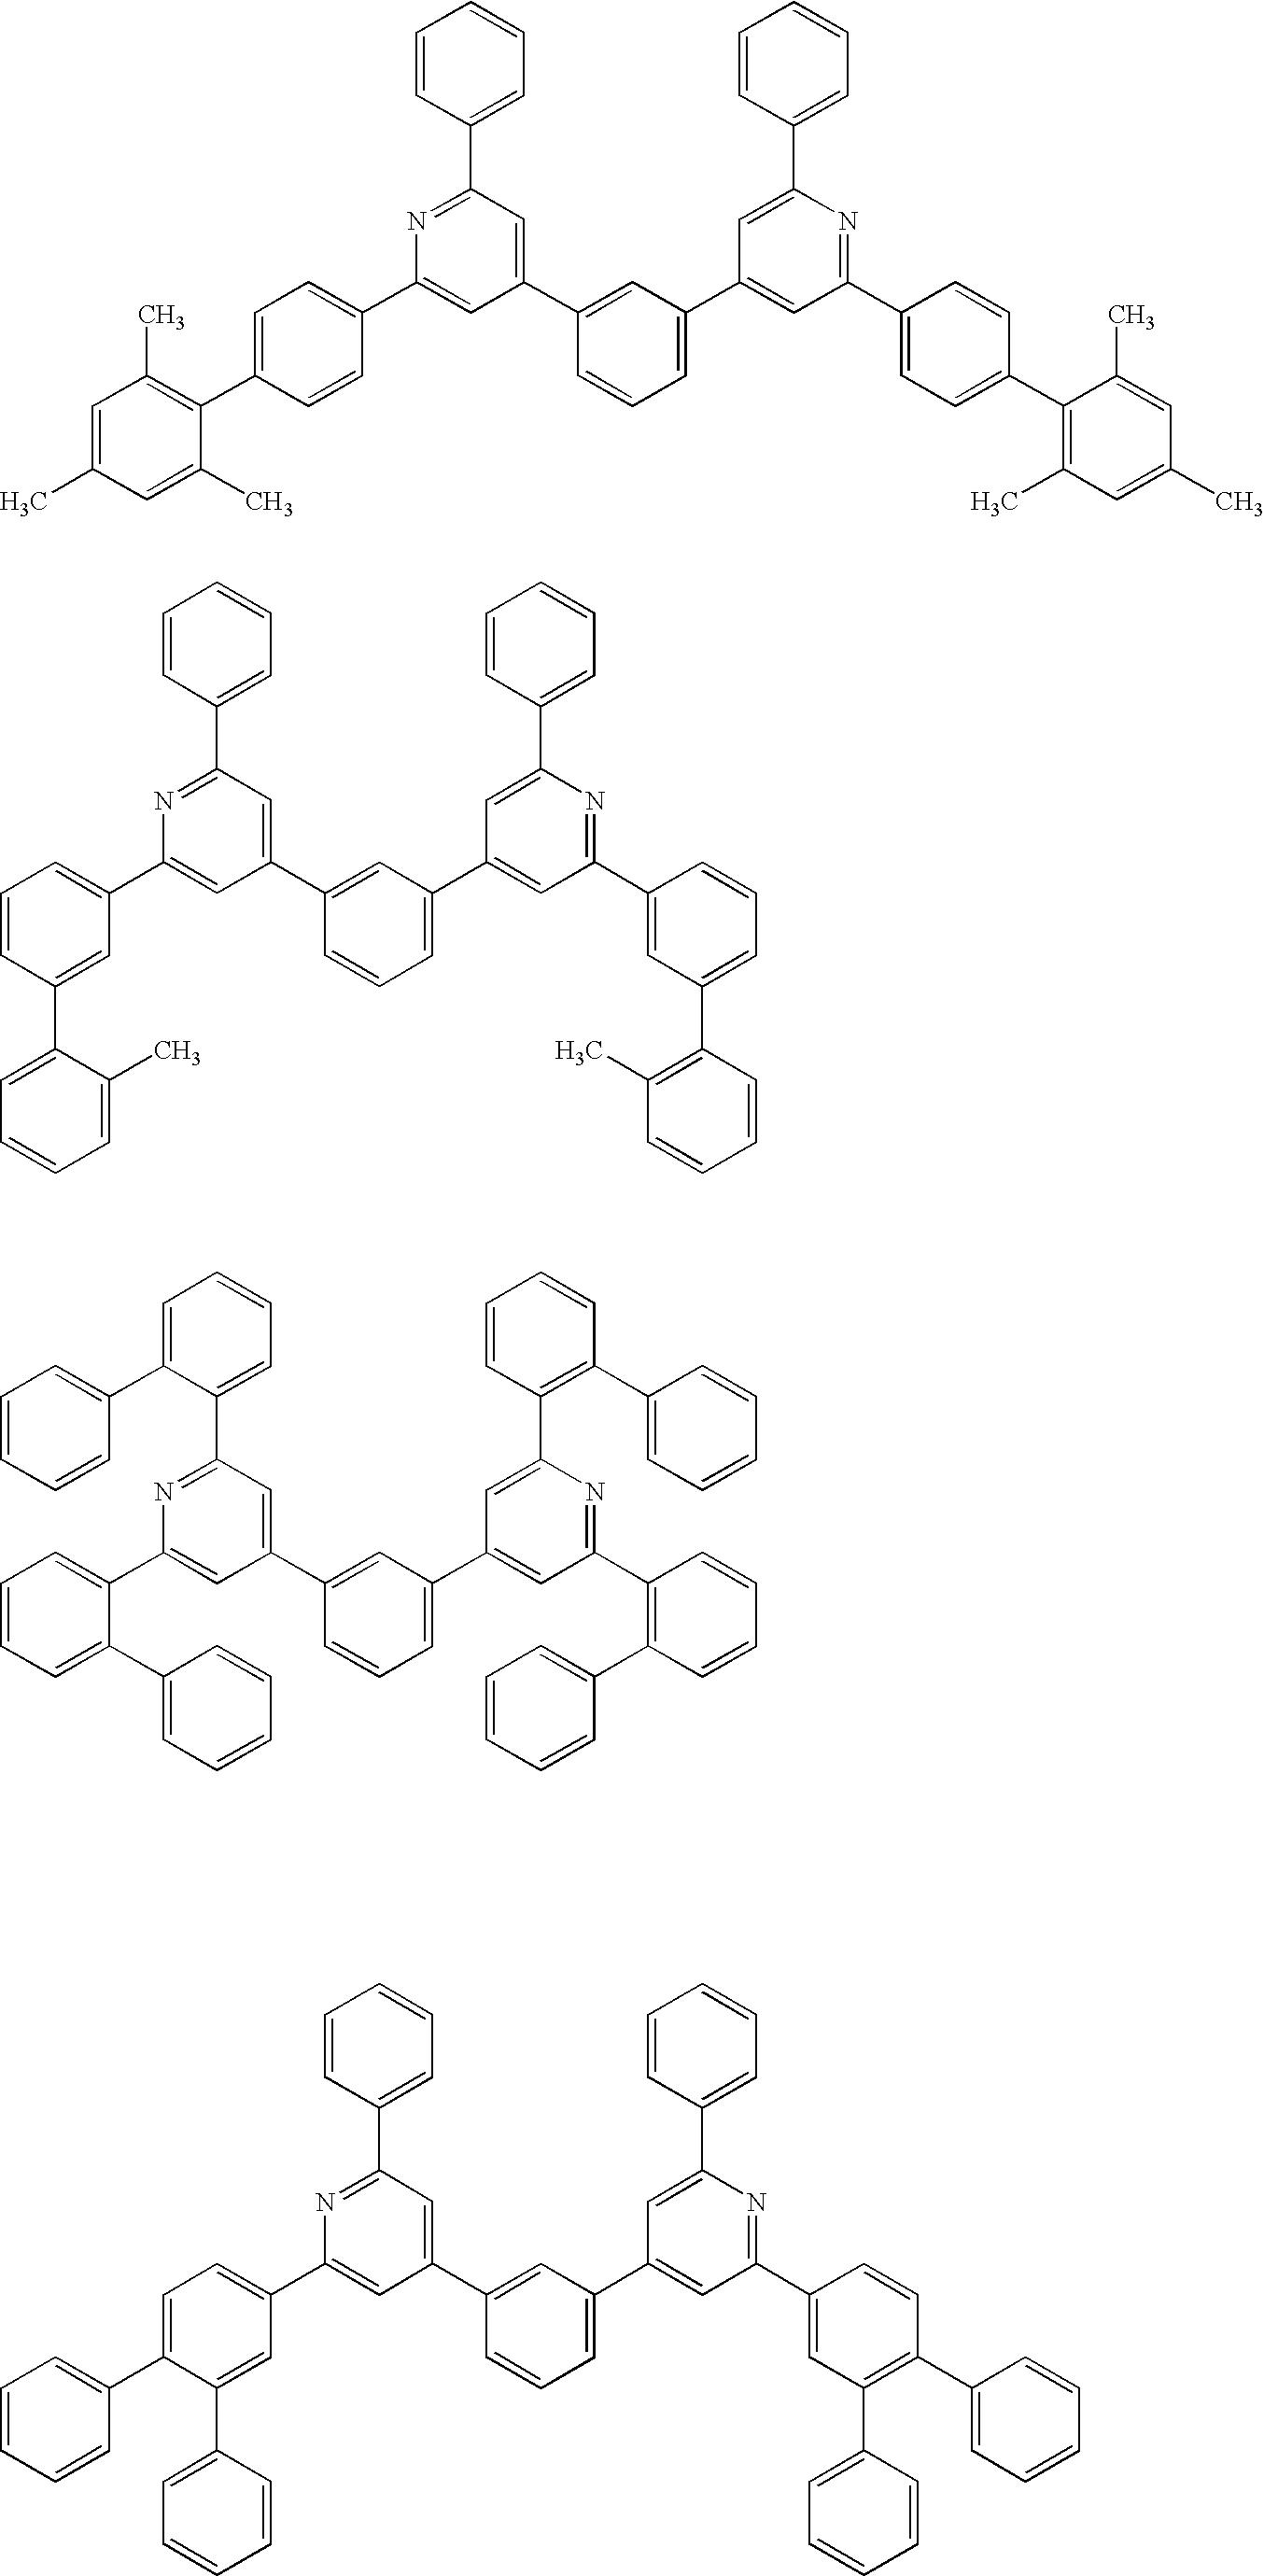 Figure US20060186796A1-20060824-C00094